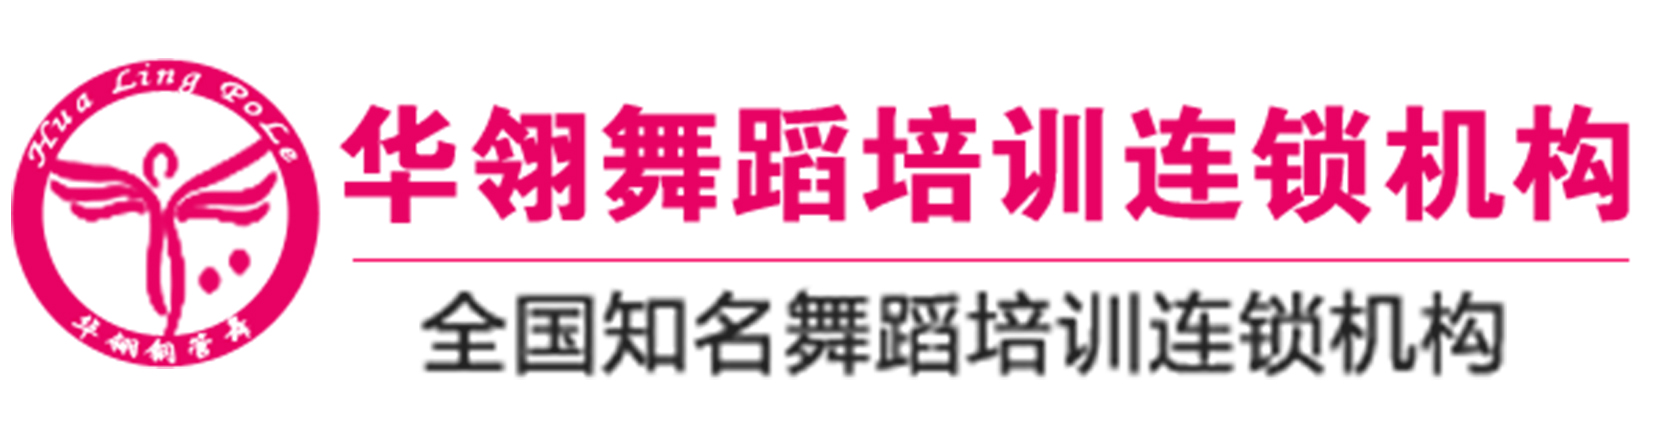 西安市钟楼西大街华翎舞蹈培训机构logo